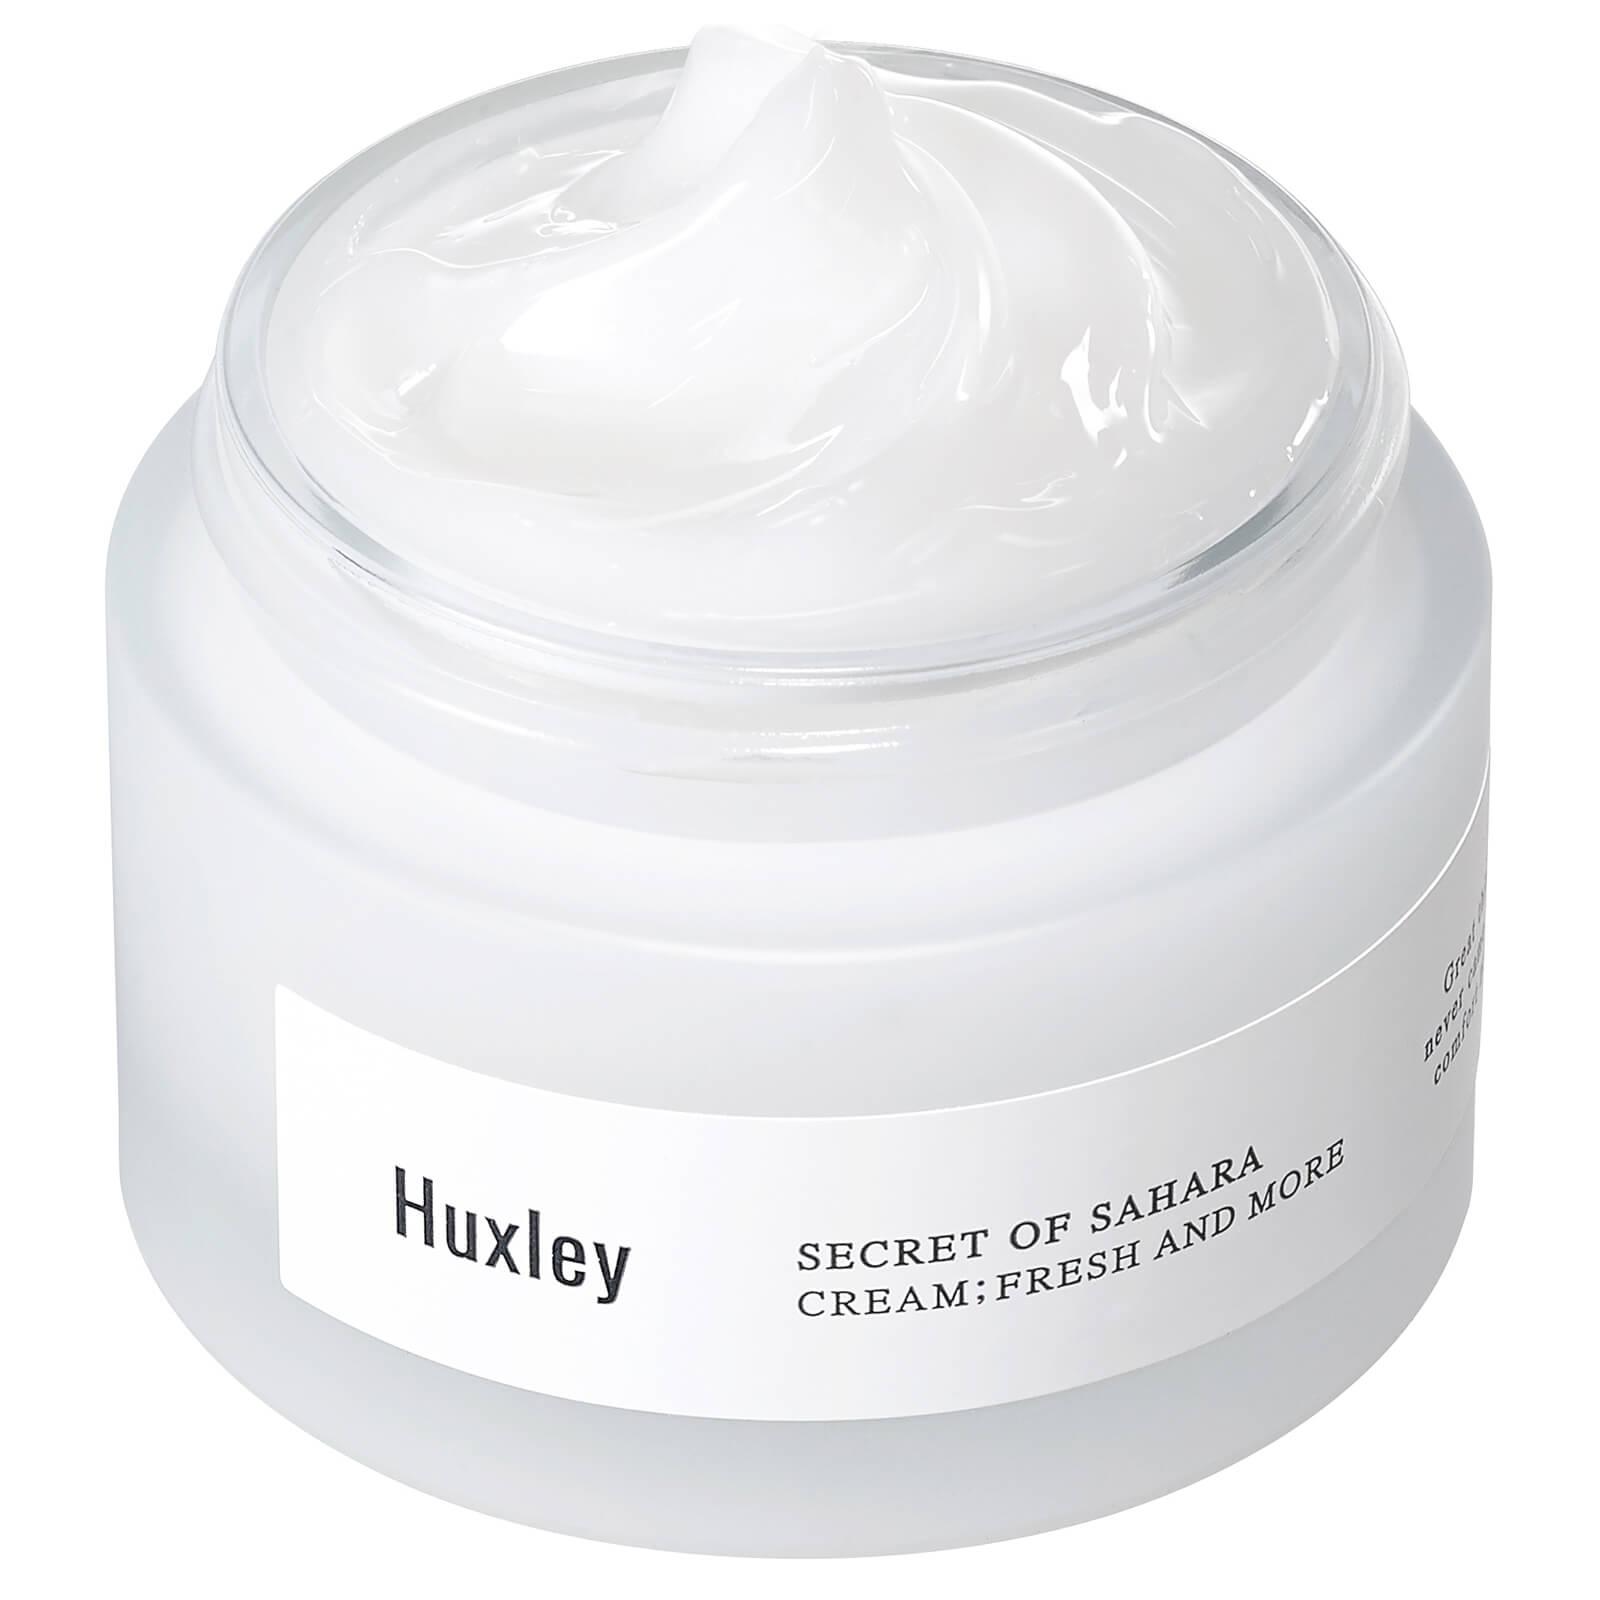 Освежающий гипоаллергенный легкий гель-крем Huxley Fresh and More Cream 50мл  - Купить